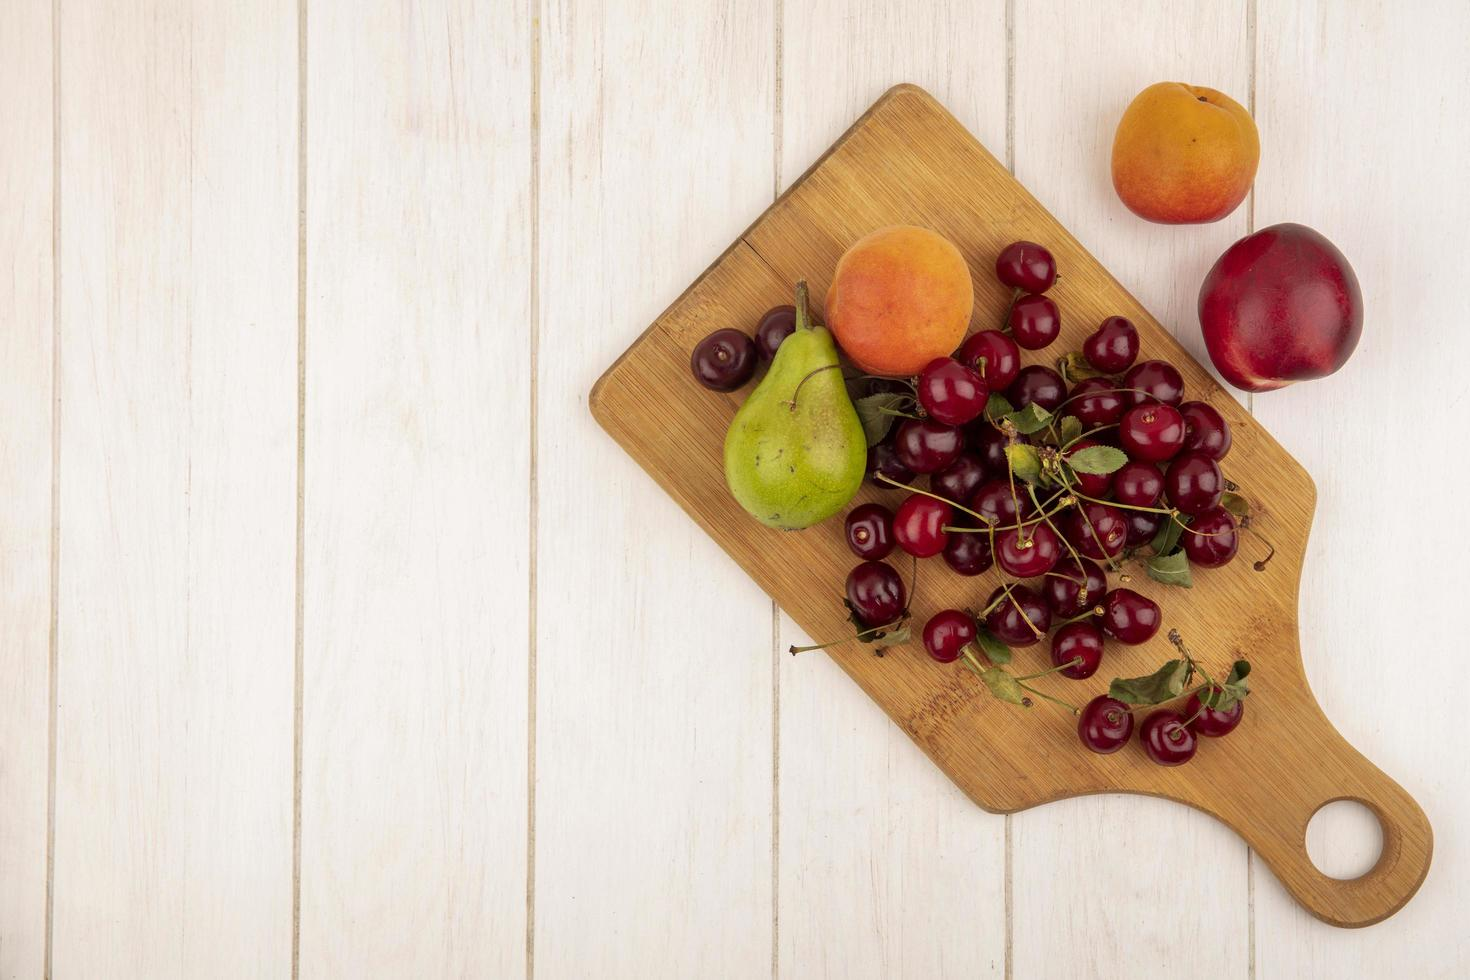 frutta assortita su sfondo neutro con copia spazio foto